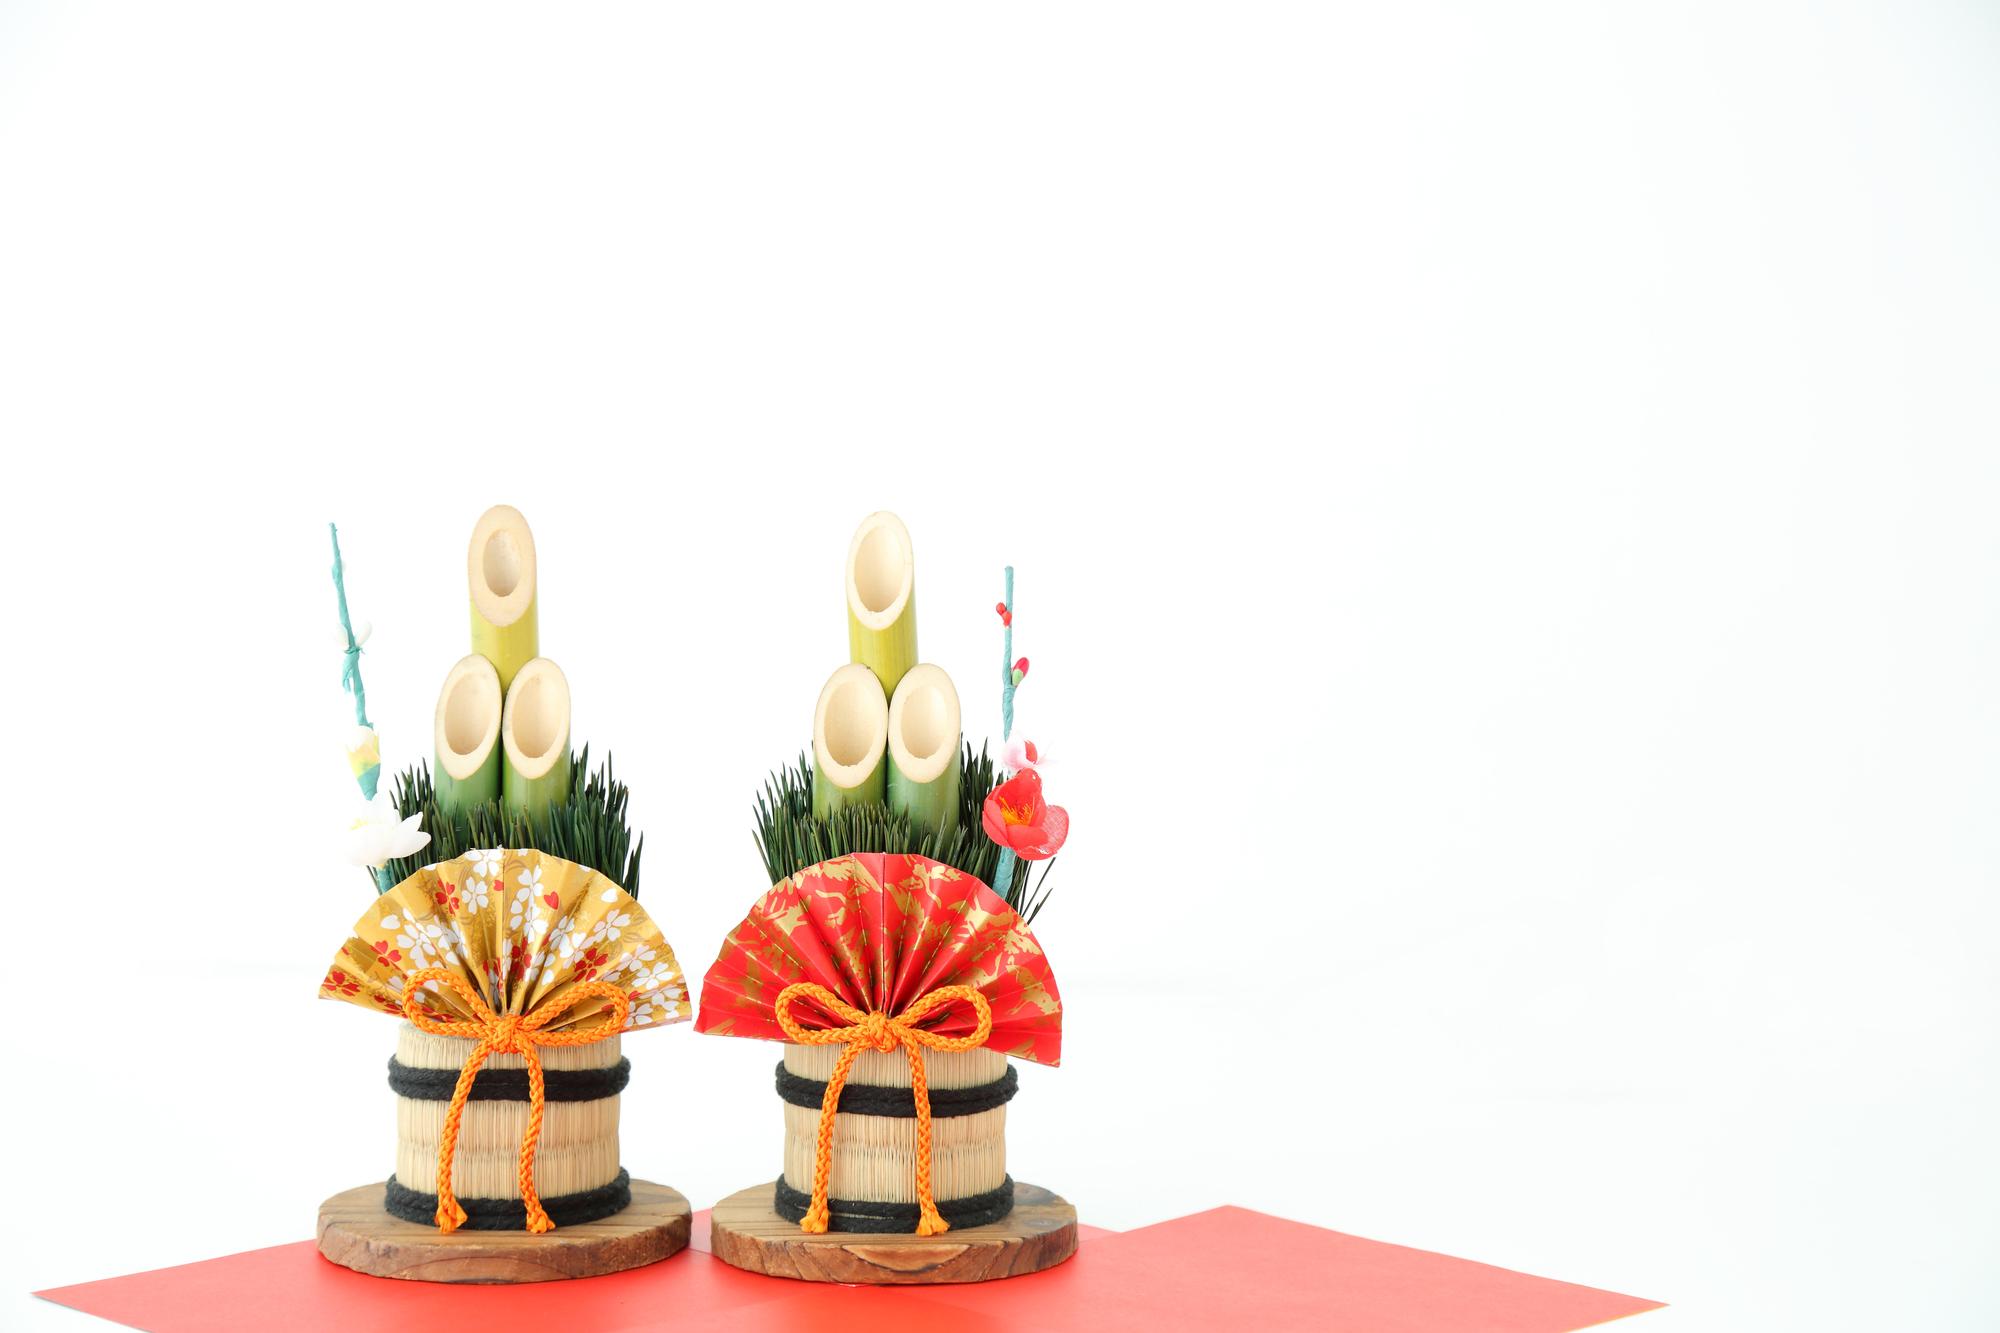 お正月飾り、門松、しめ飾り、鏡餅の意味とは?しめ飾り作りにもチャレンジ